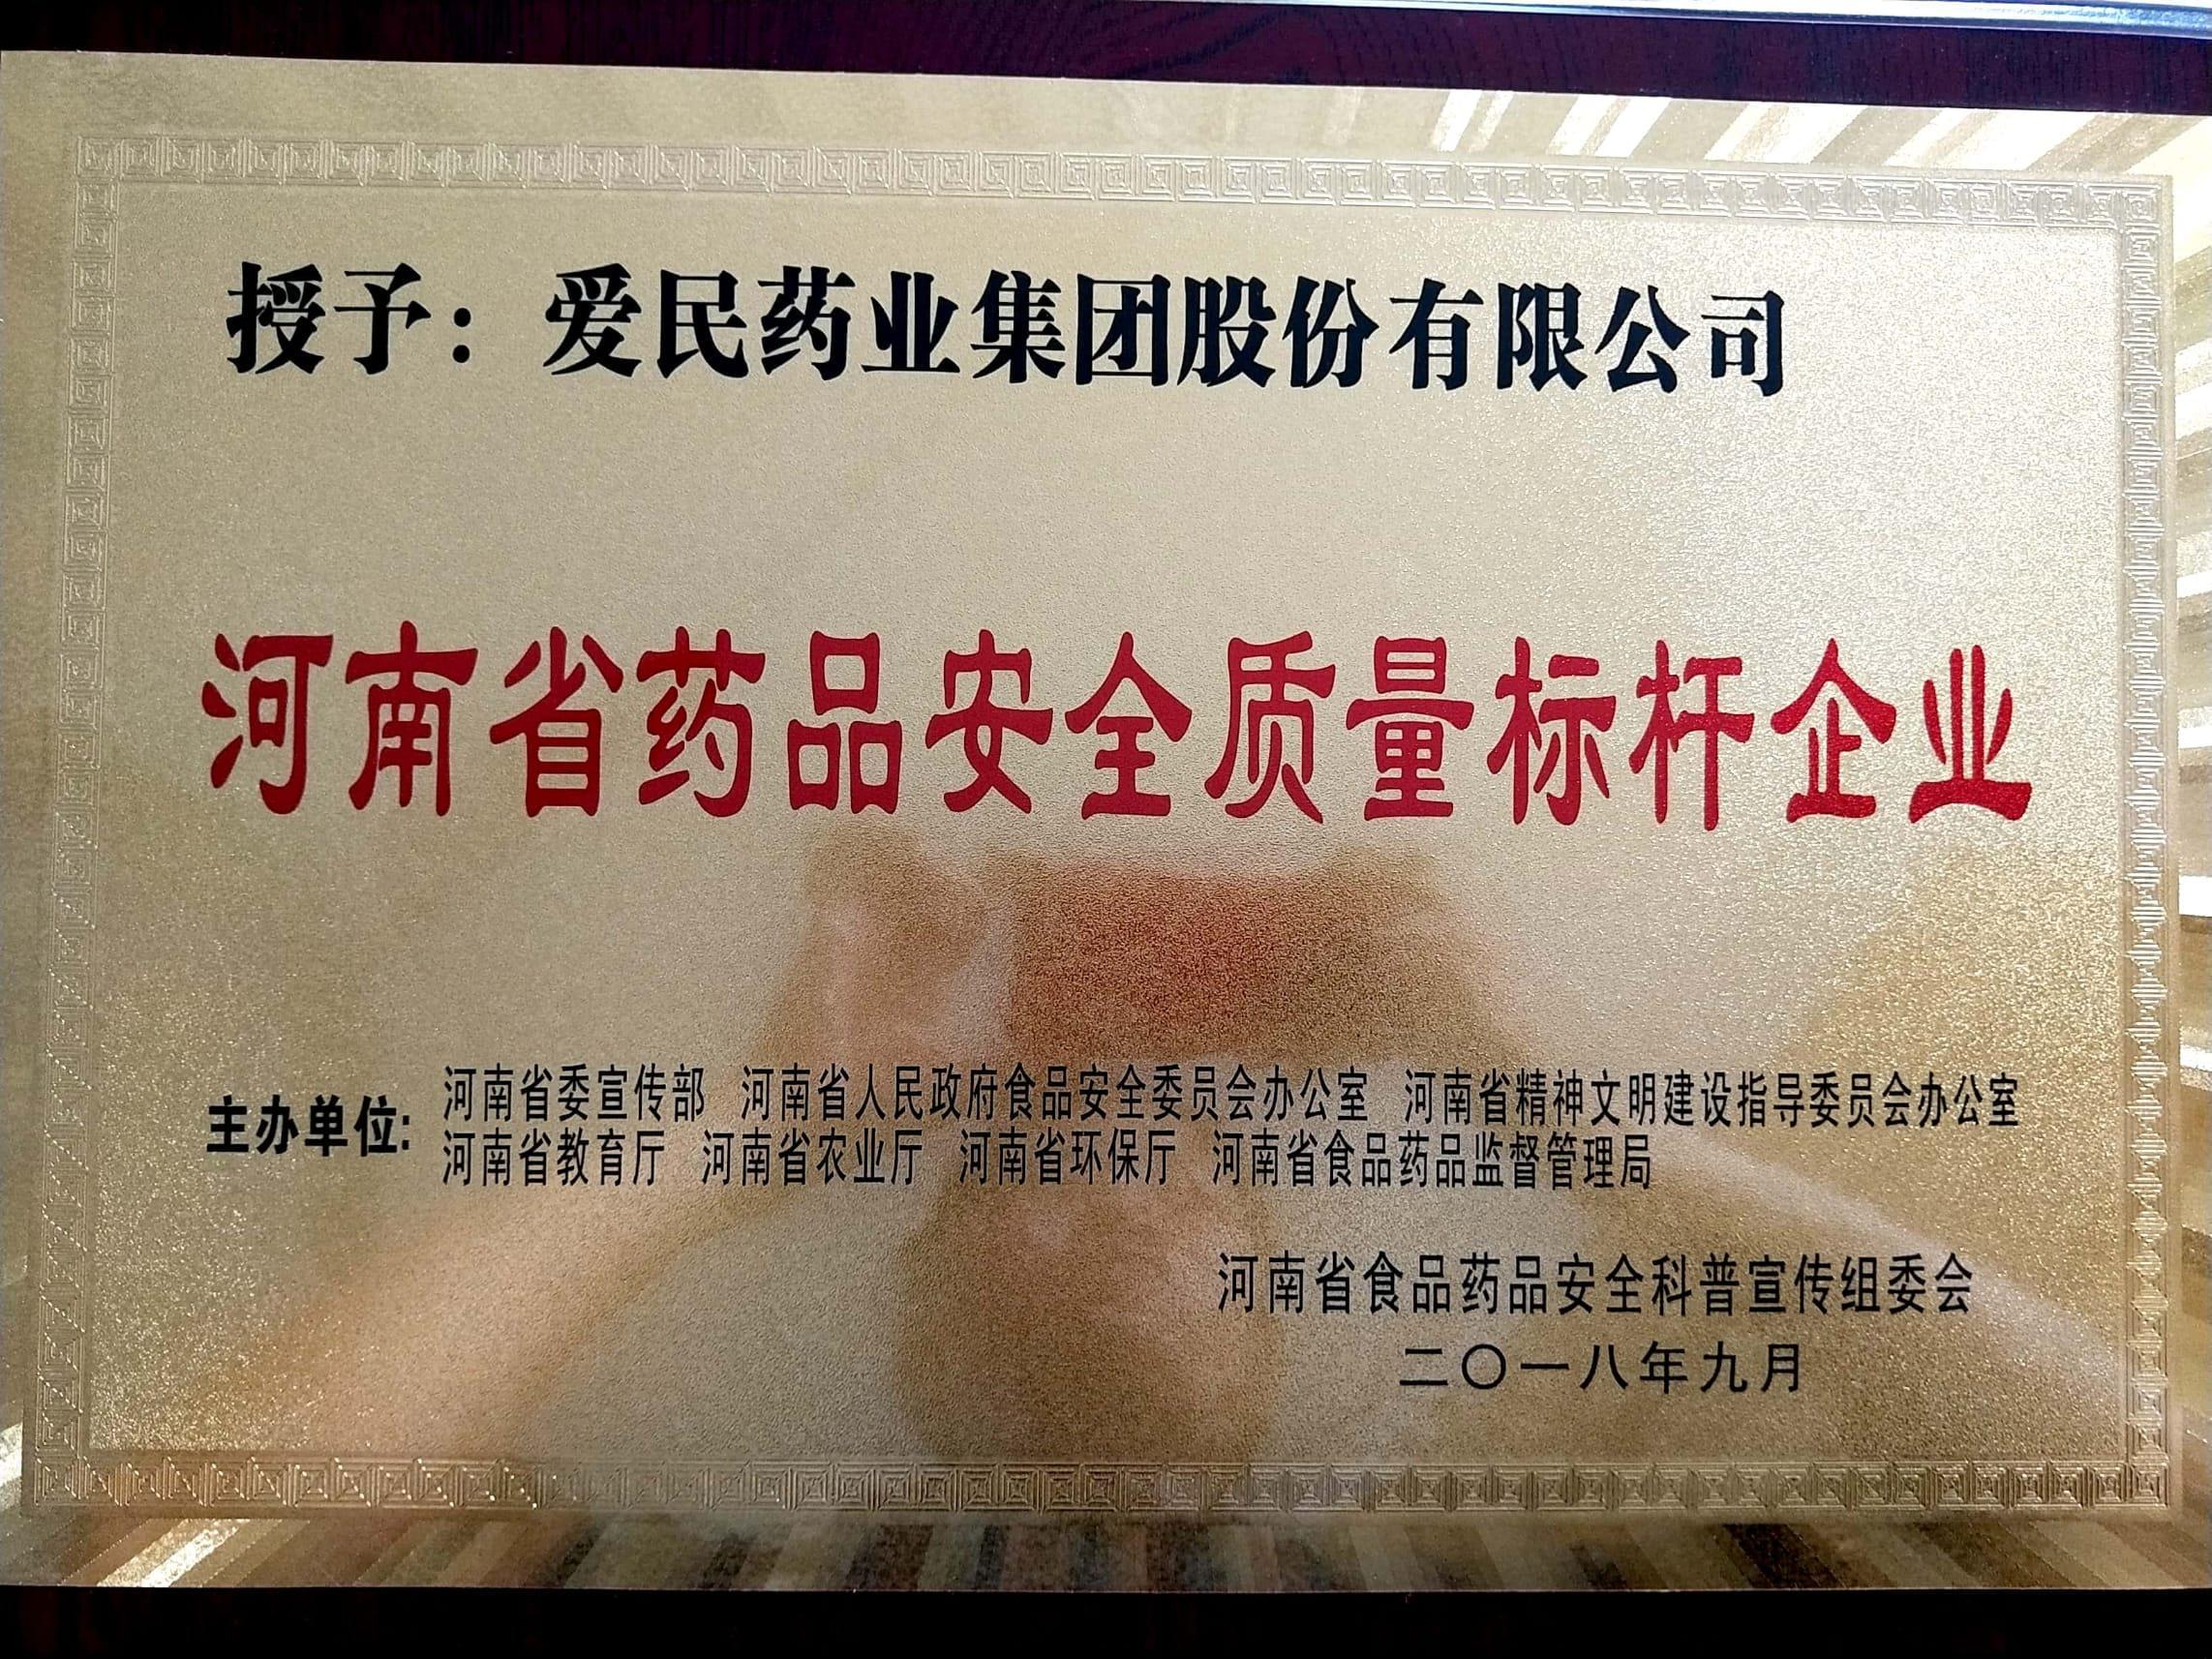 河南省药品安全质量标杆企业